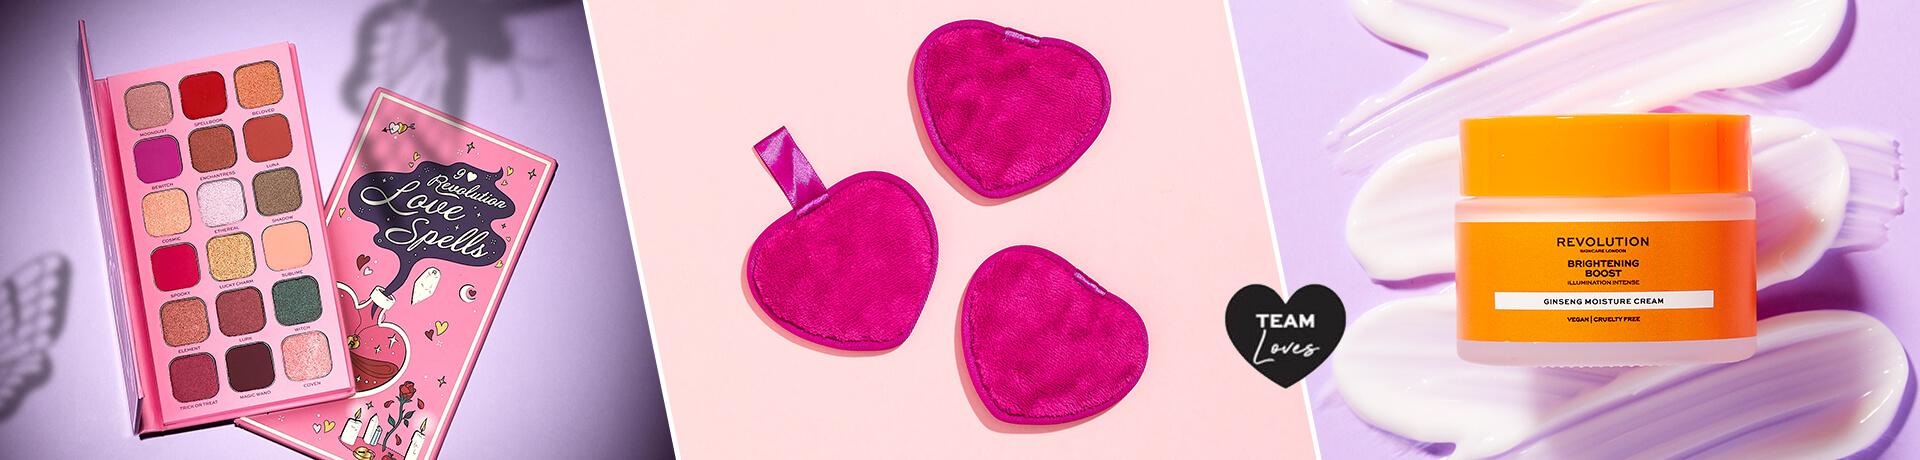 Valentine's Self - Love